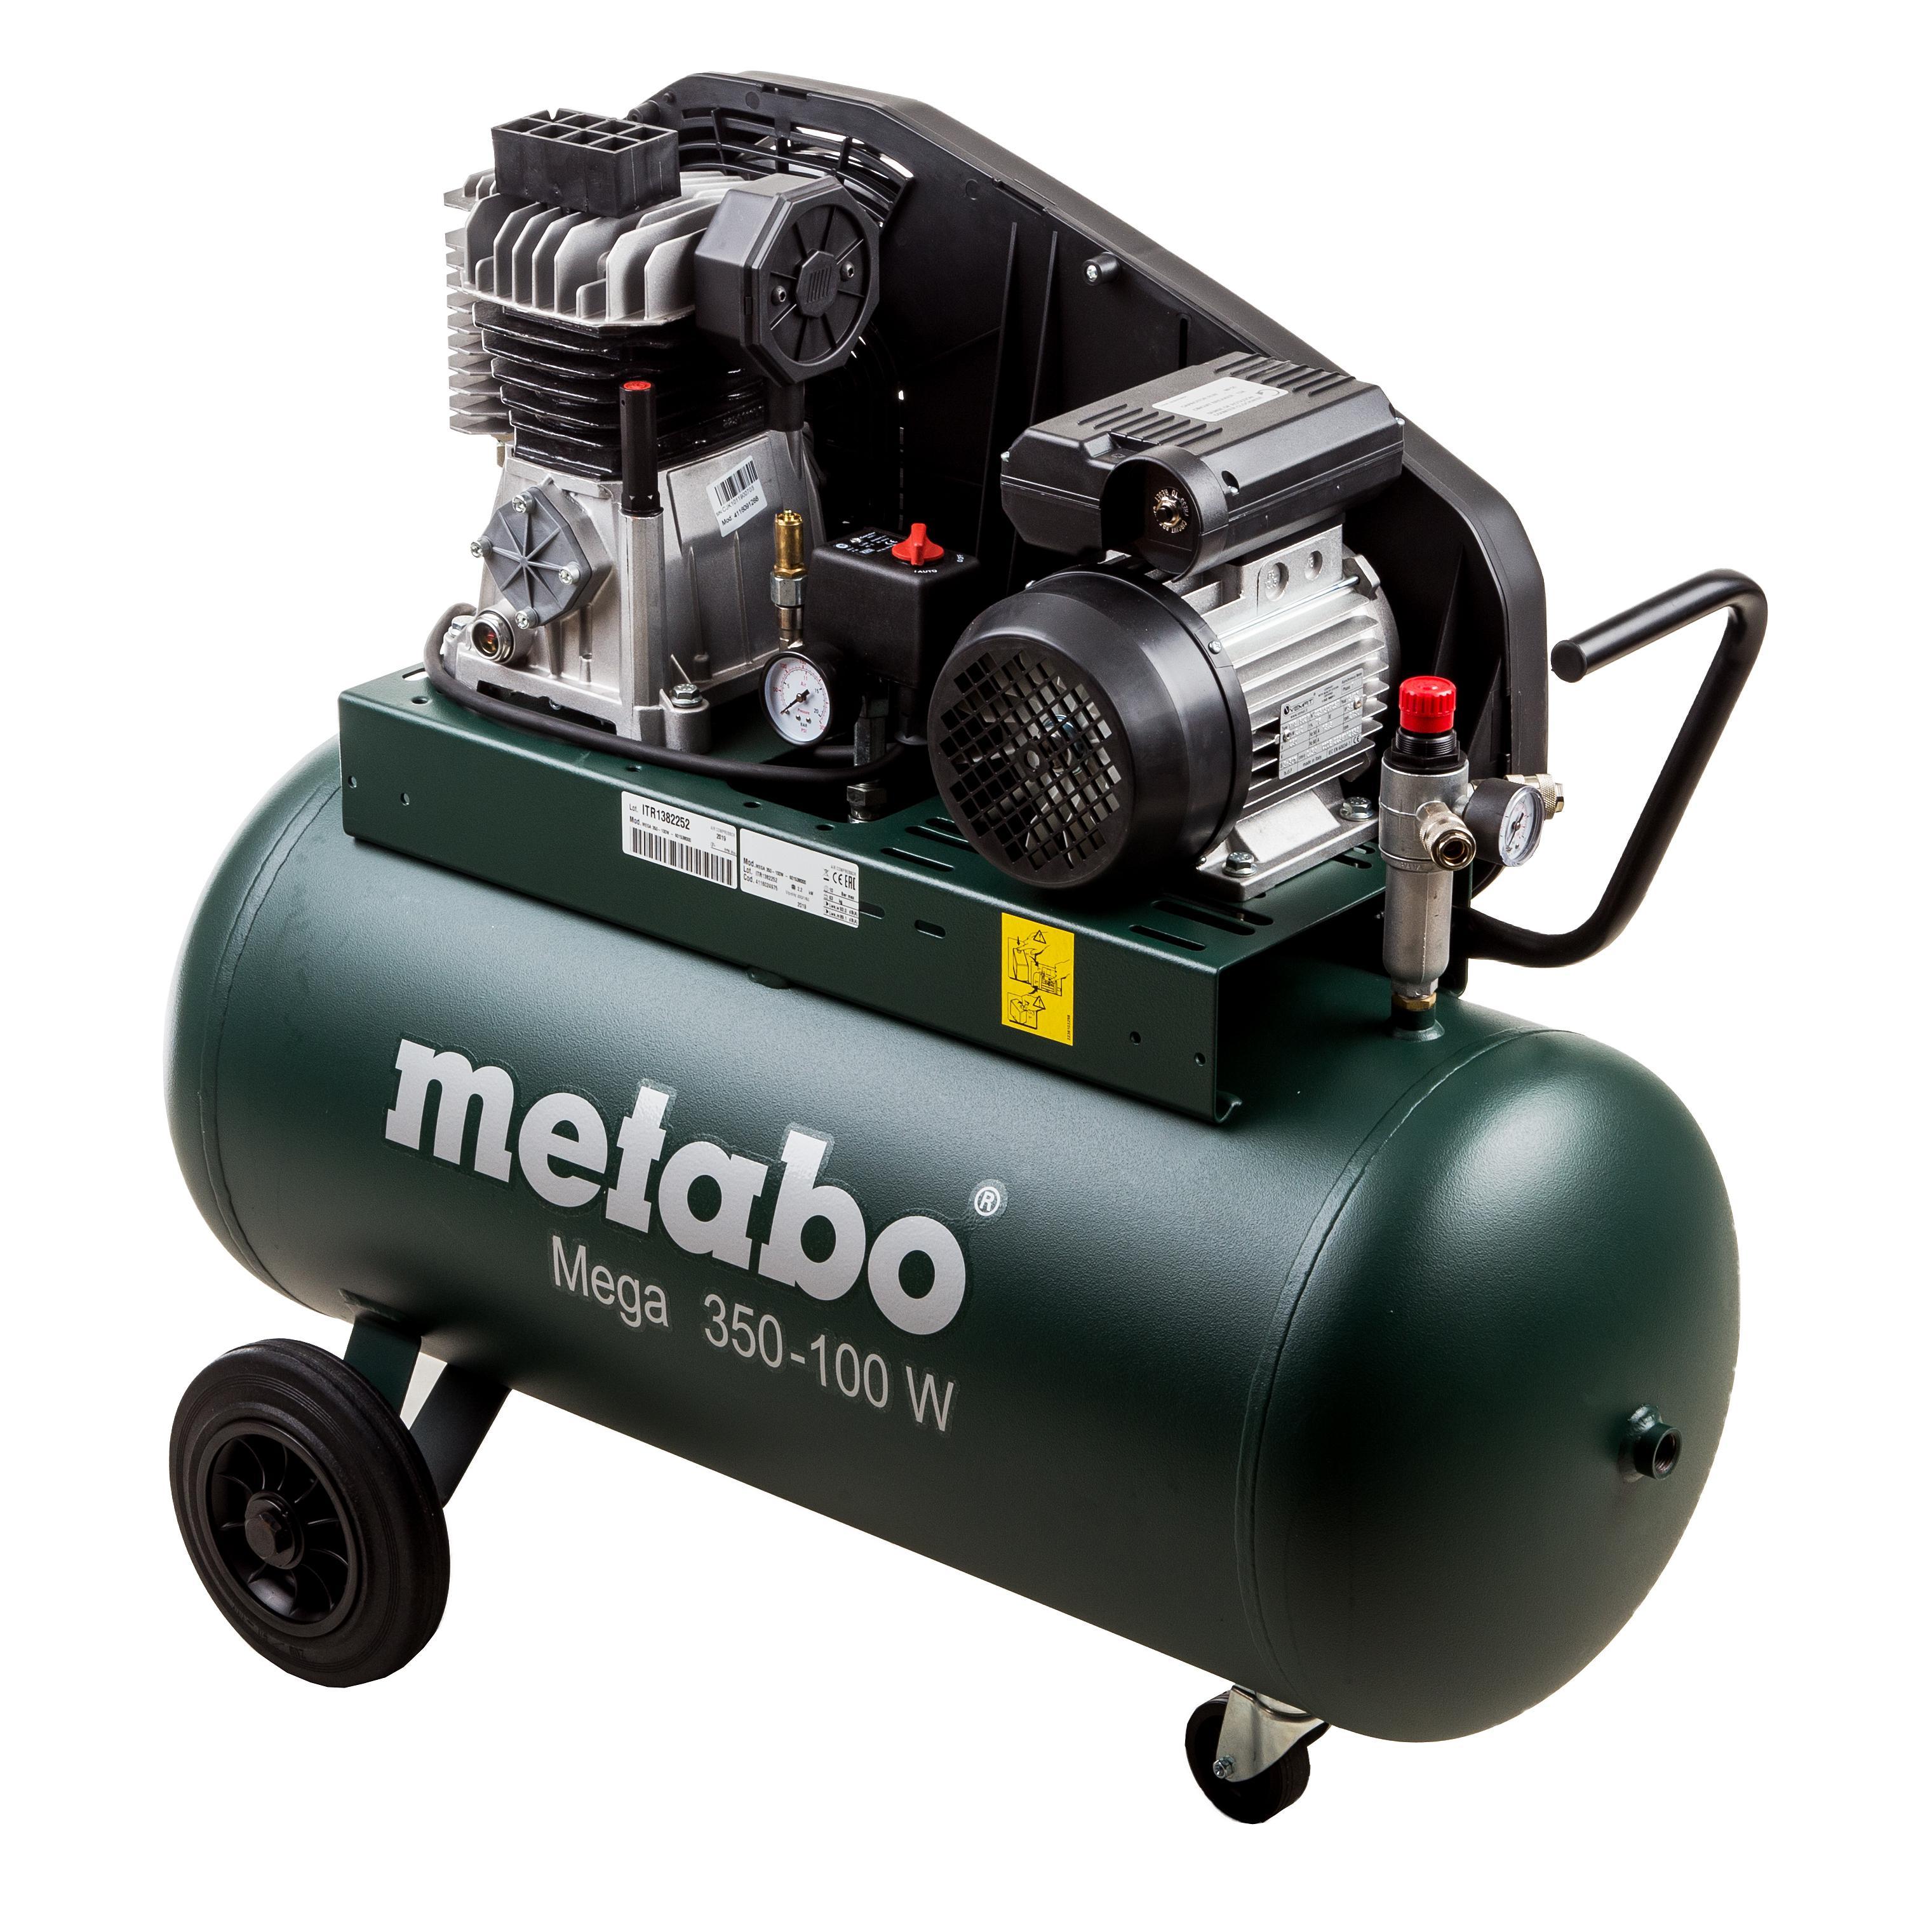 Компрессор поршневой Metabo Mega 350-100 w (601538000) цена и фото